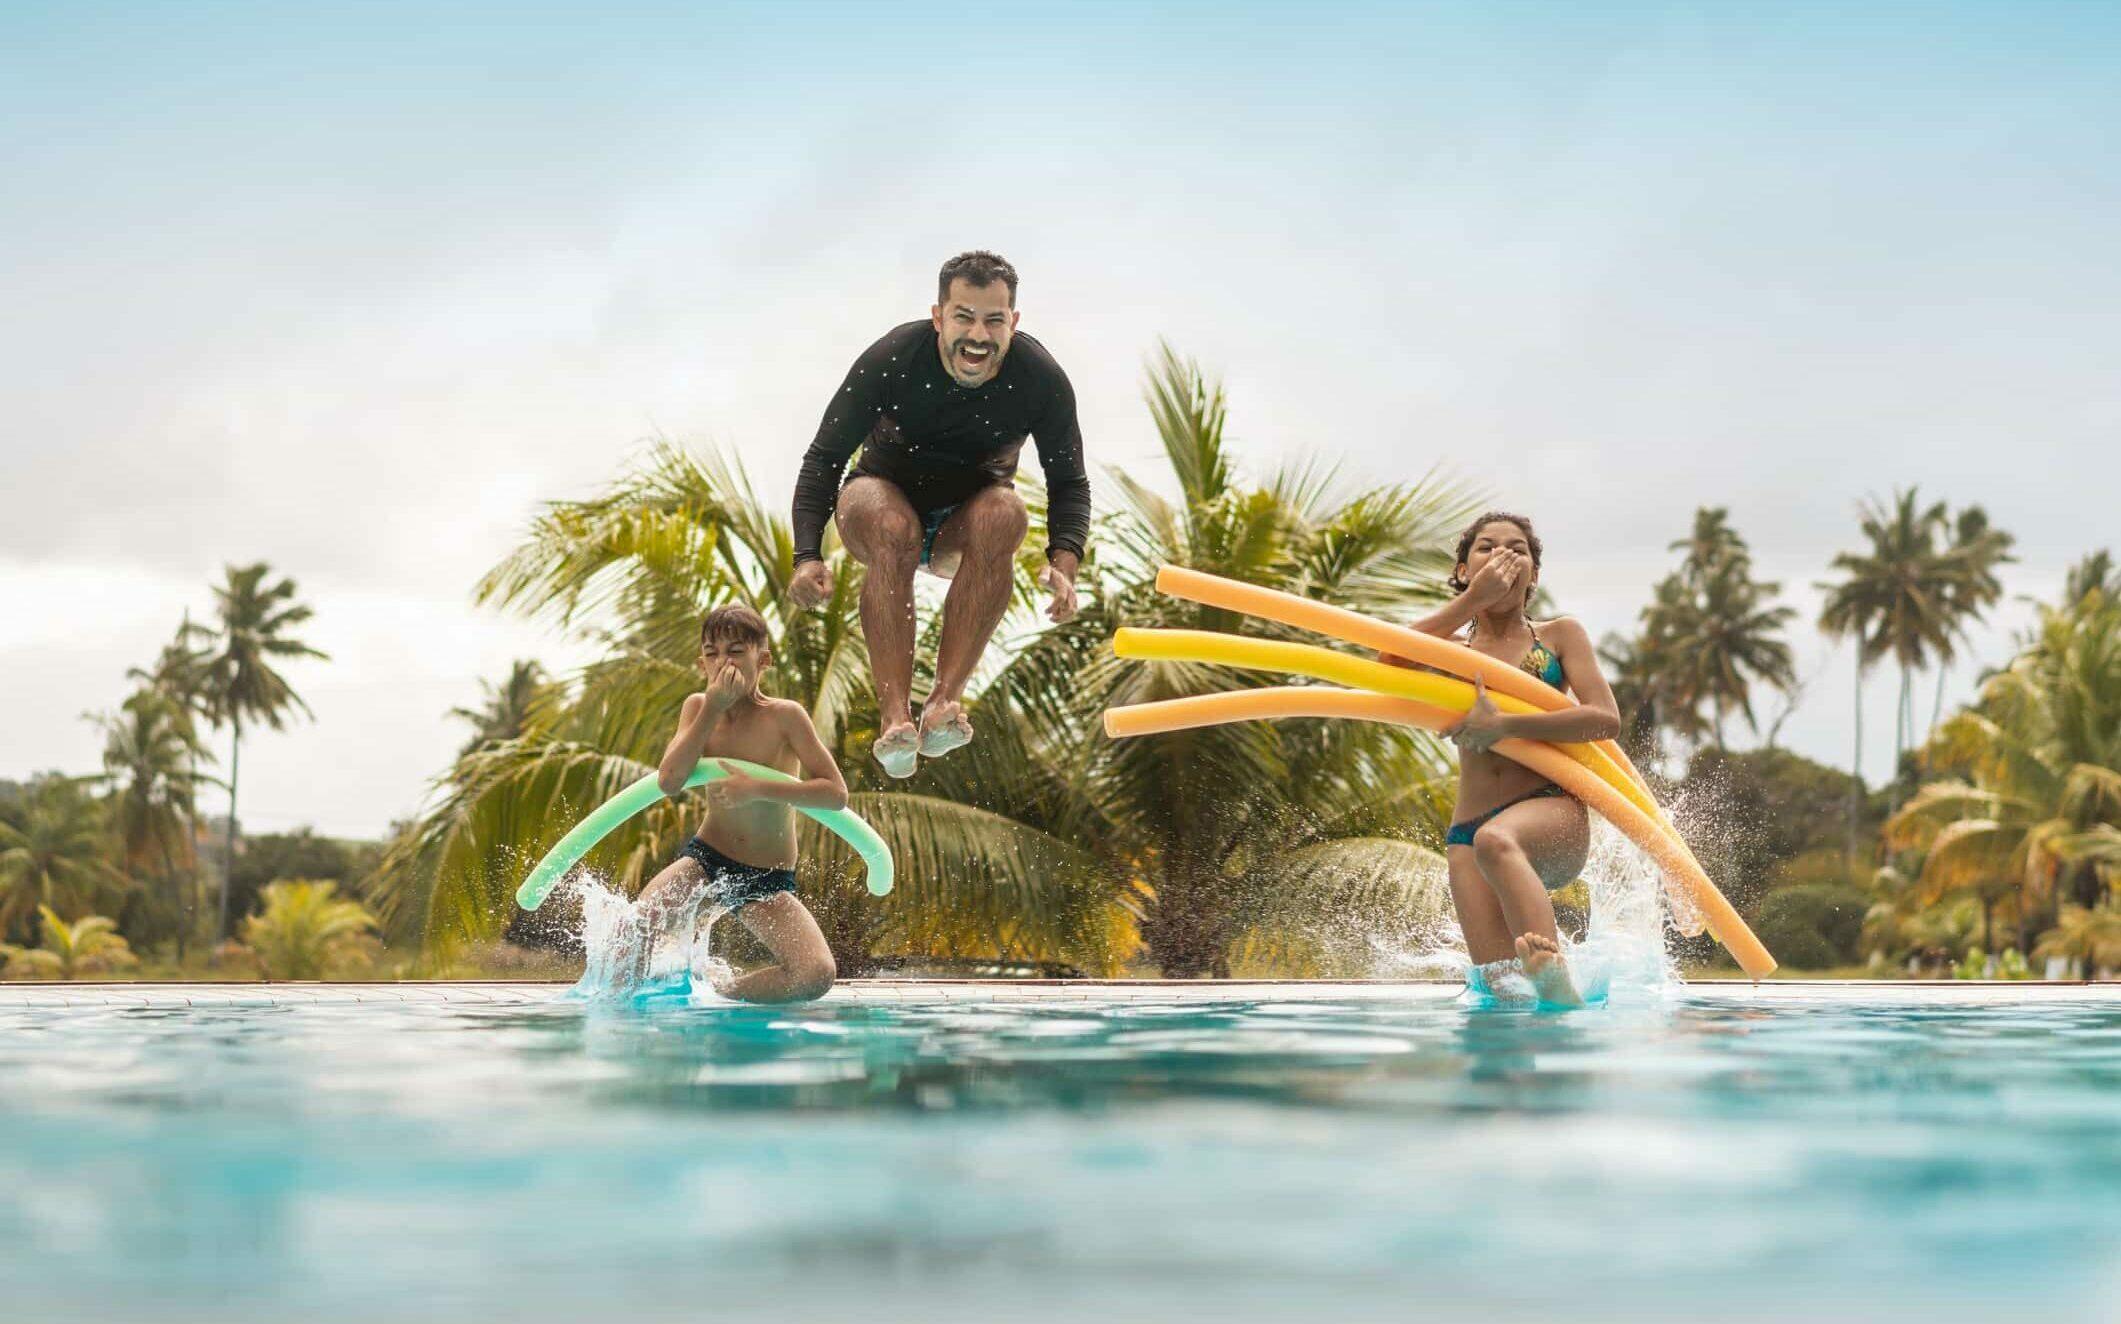 Personen mit Schwimmnudeln im Wasser, Palmen im Hintergrund.